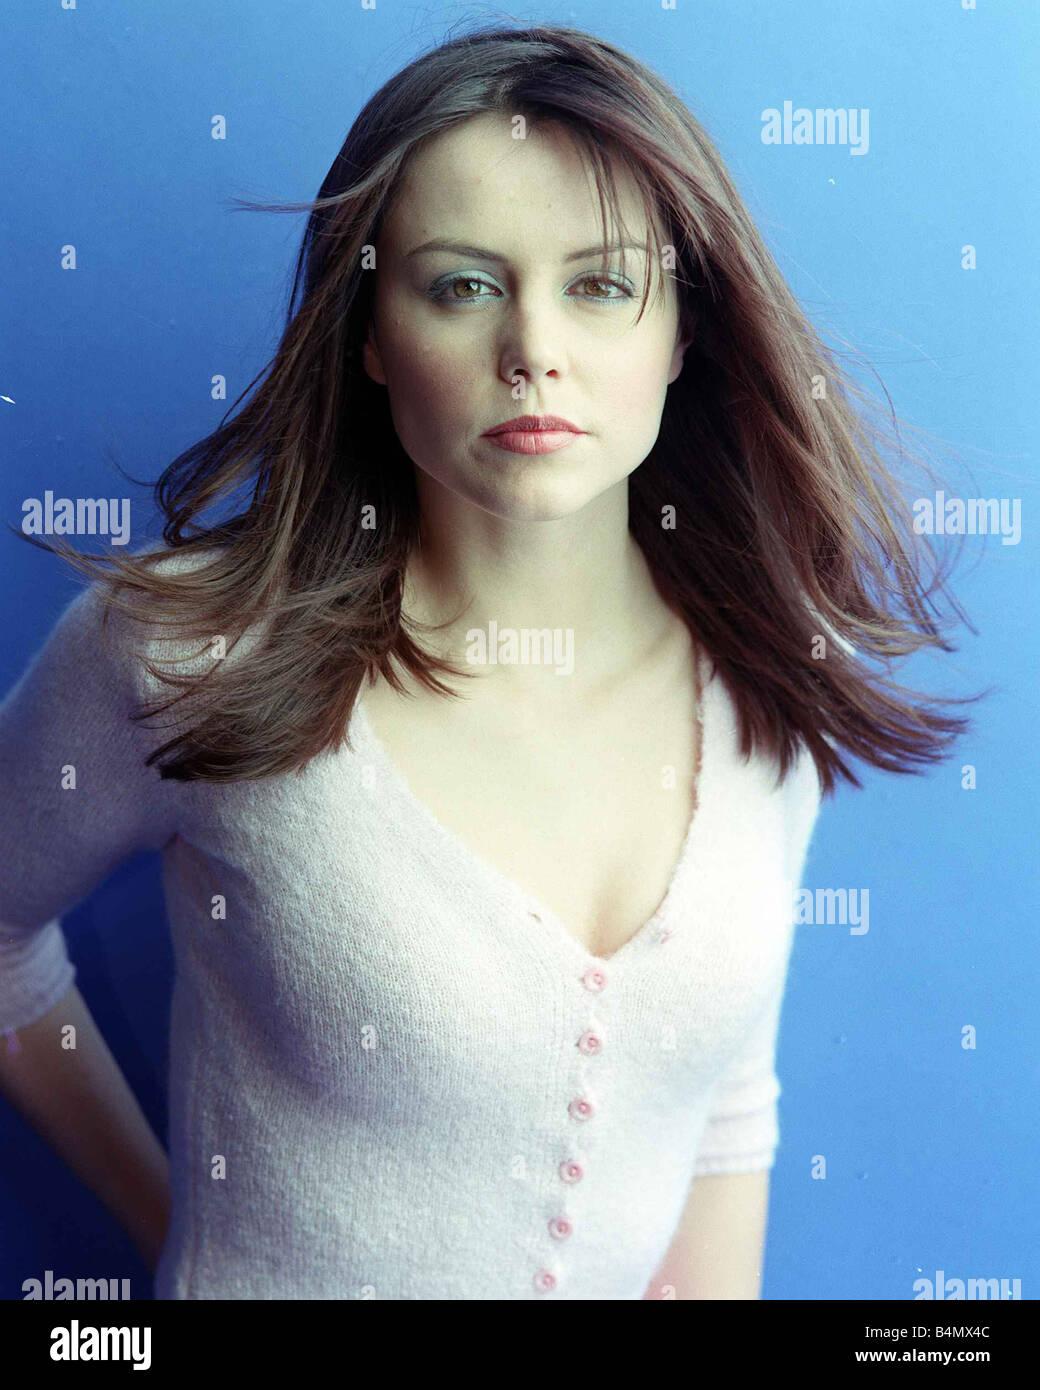 Beverley Turner February 2002 TV Presenter - Stock Image